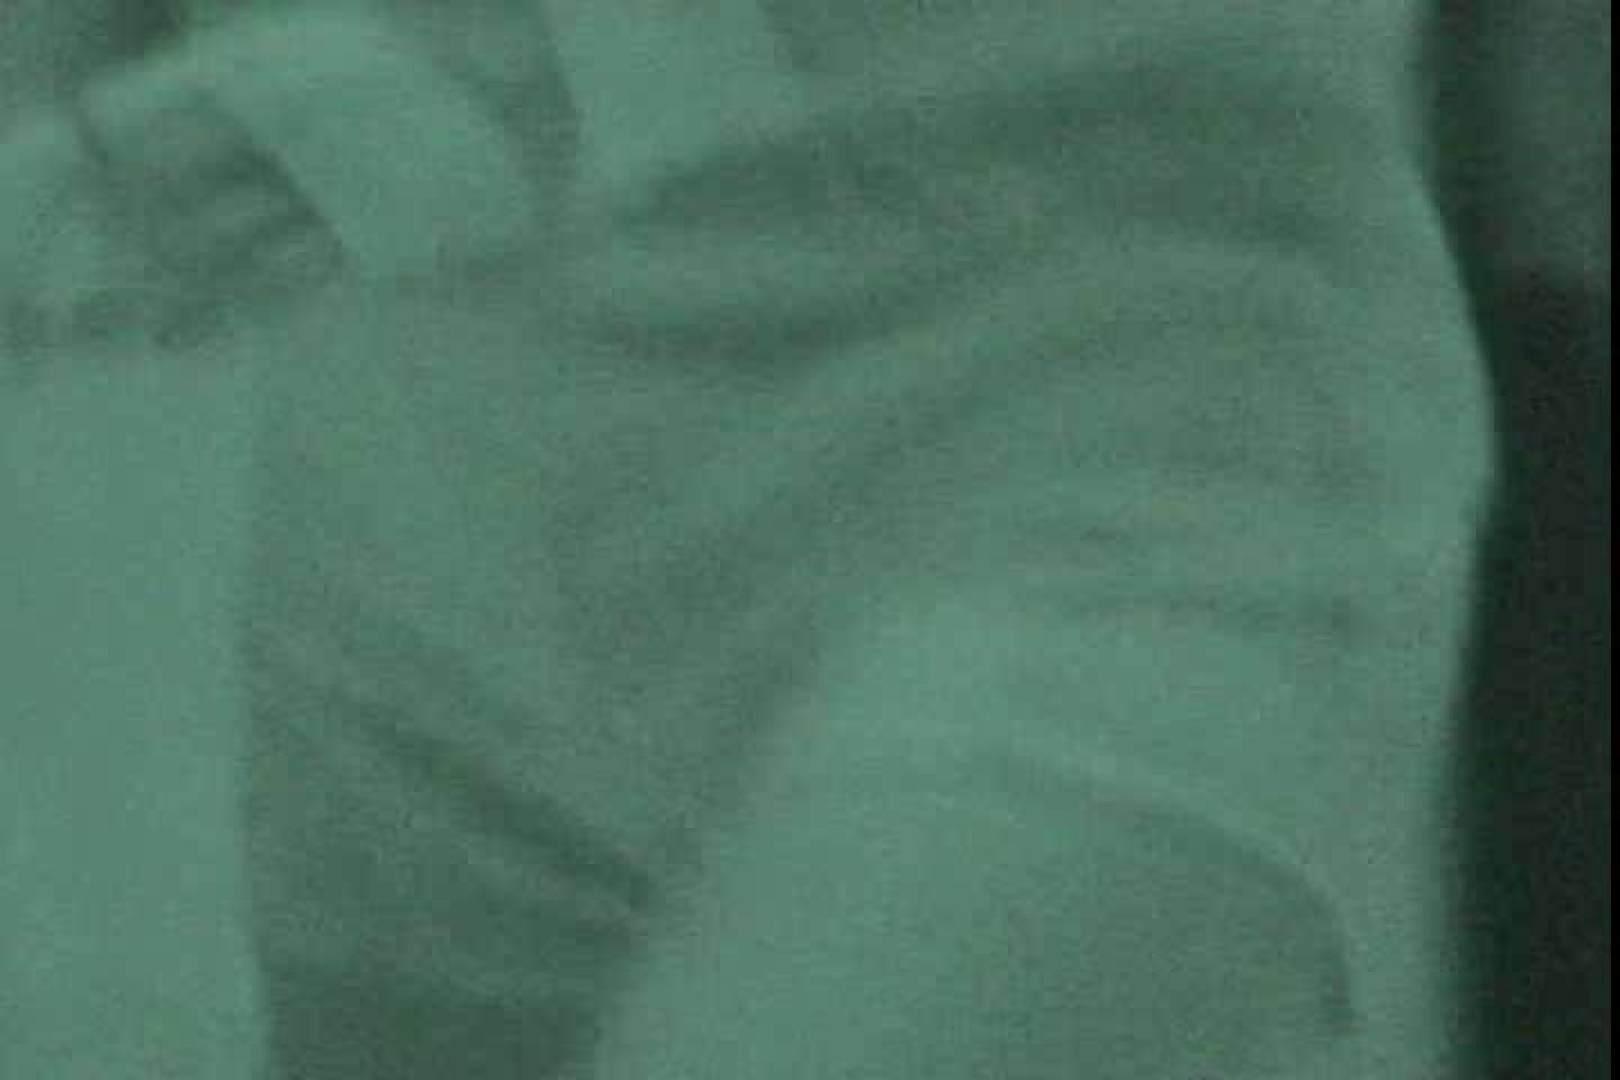 赤外線ムレスケバレー(汗) vol.02 赤外線 セックス無修正動画無料 93pic 38